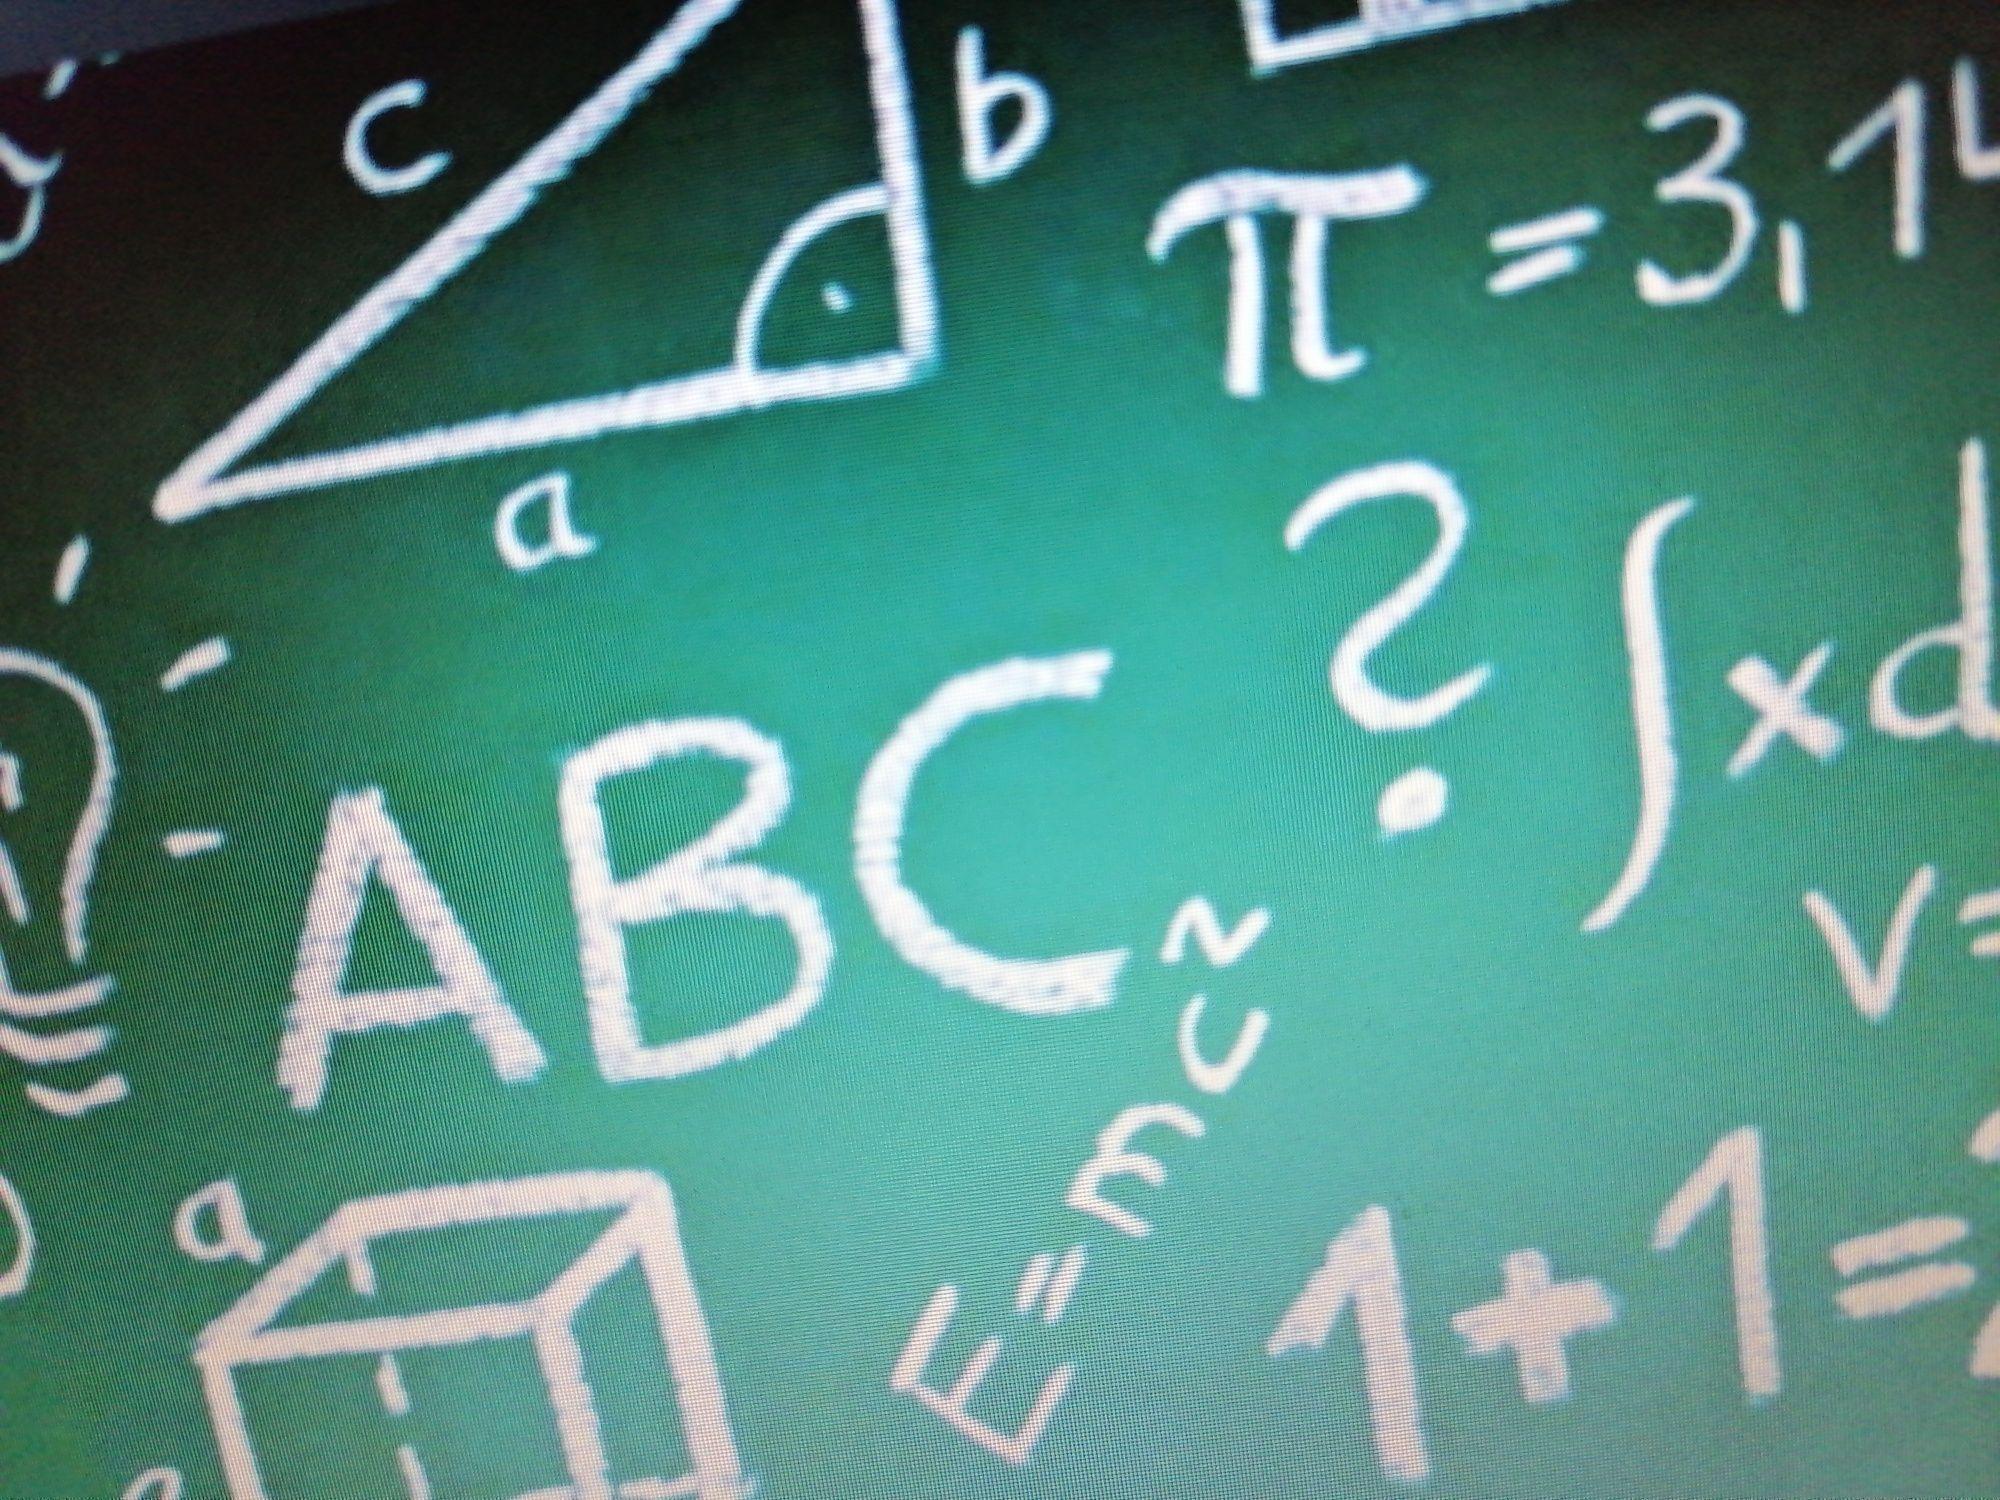 Rezolvare teme/teste matematica, informatica